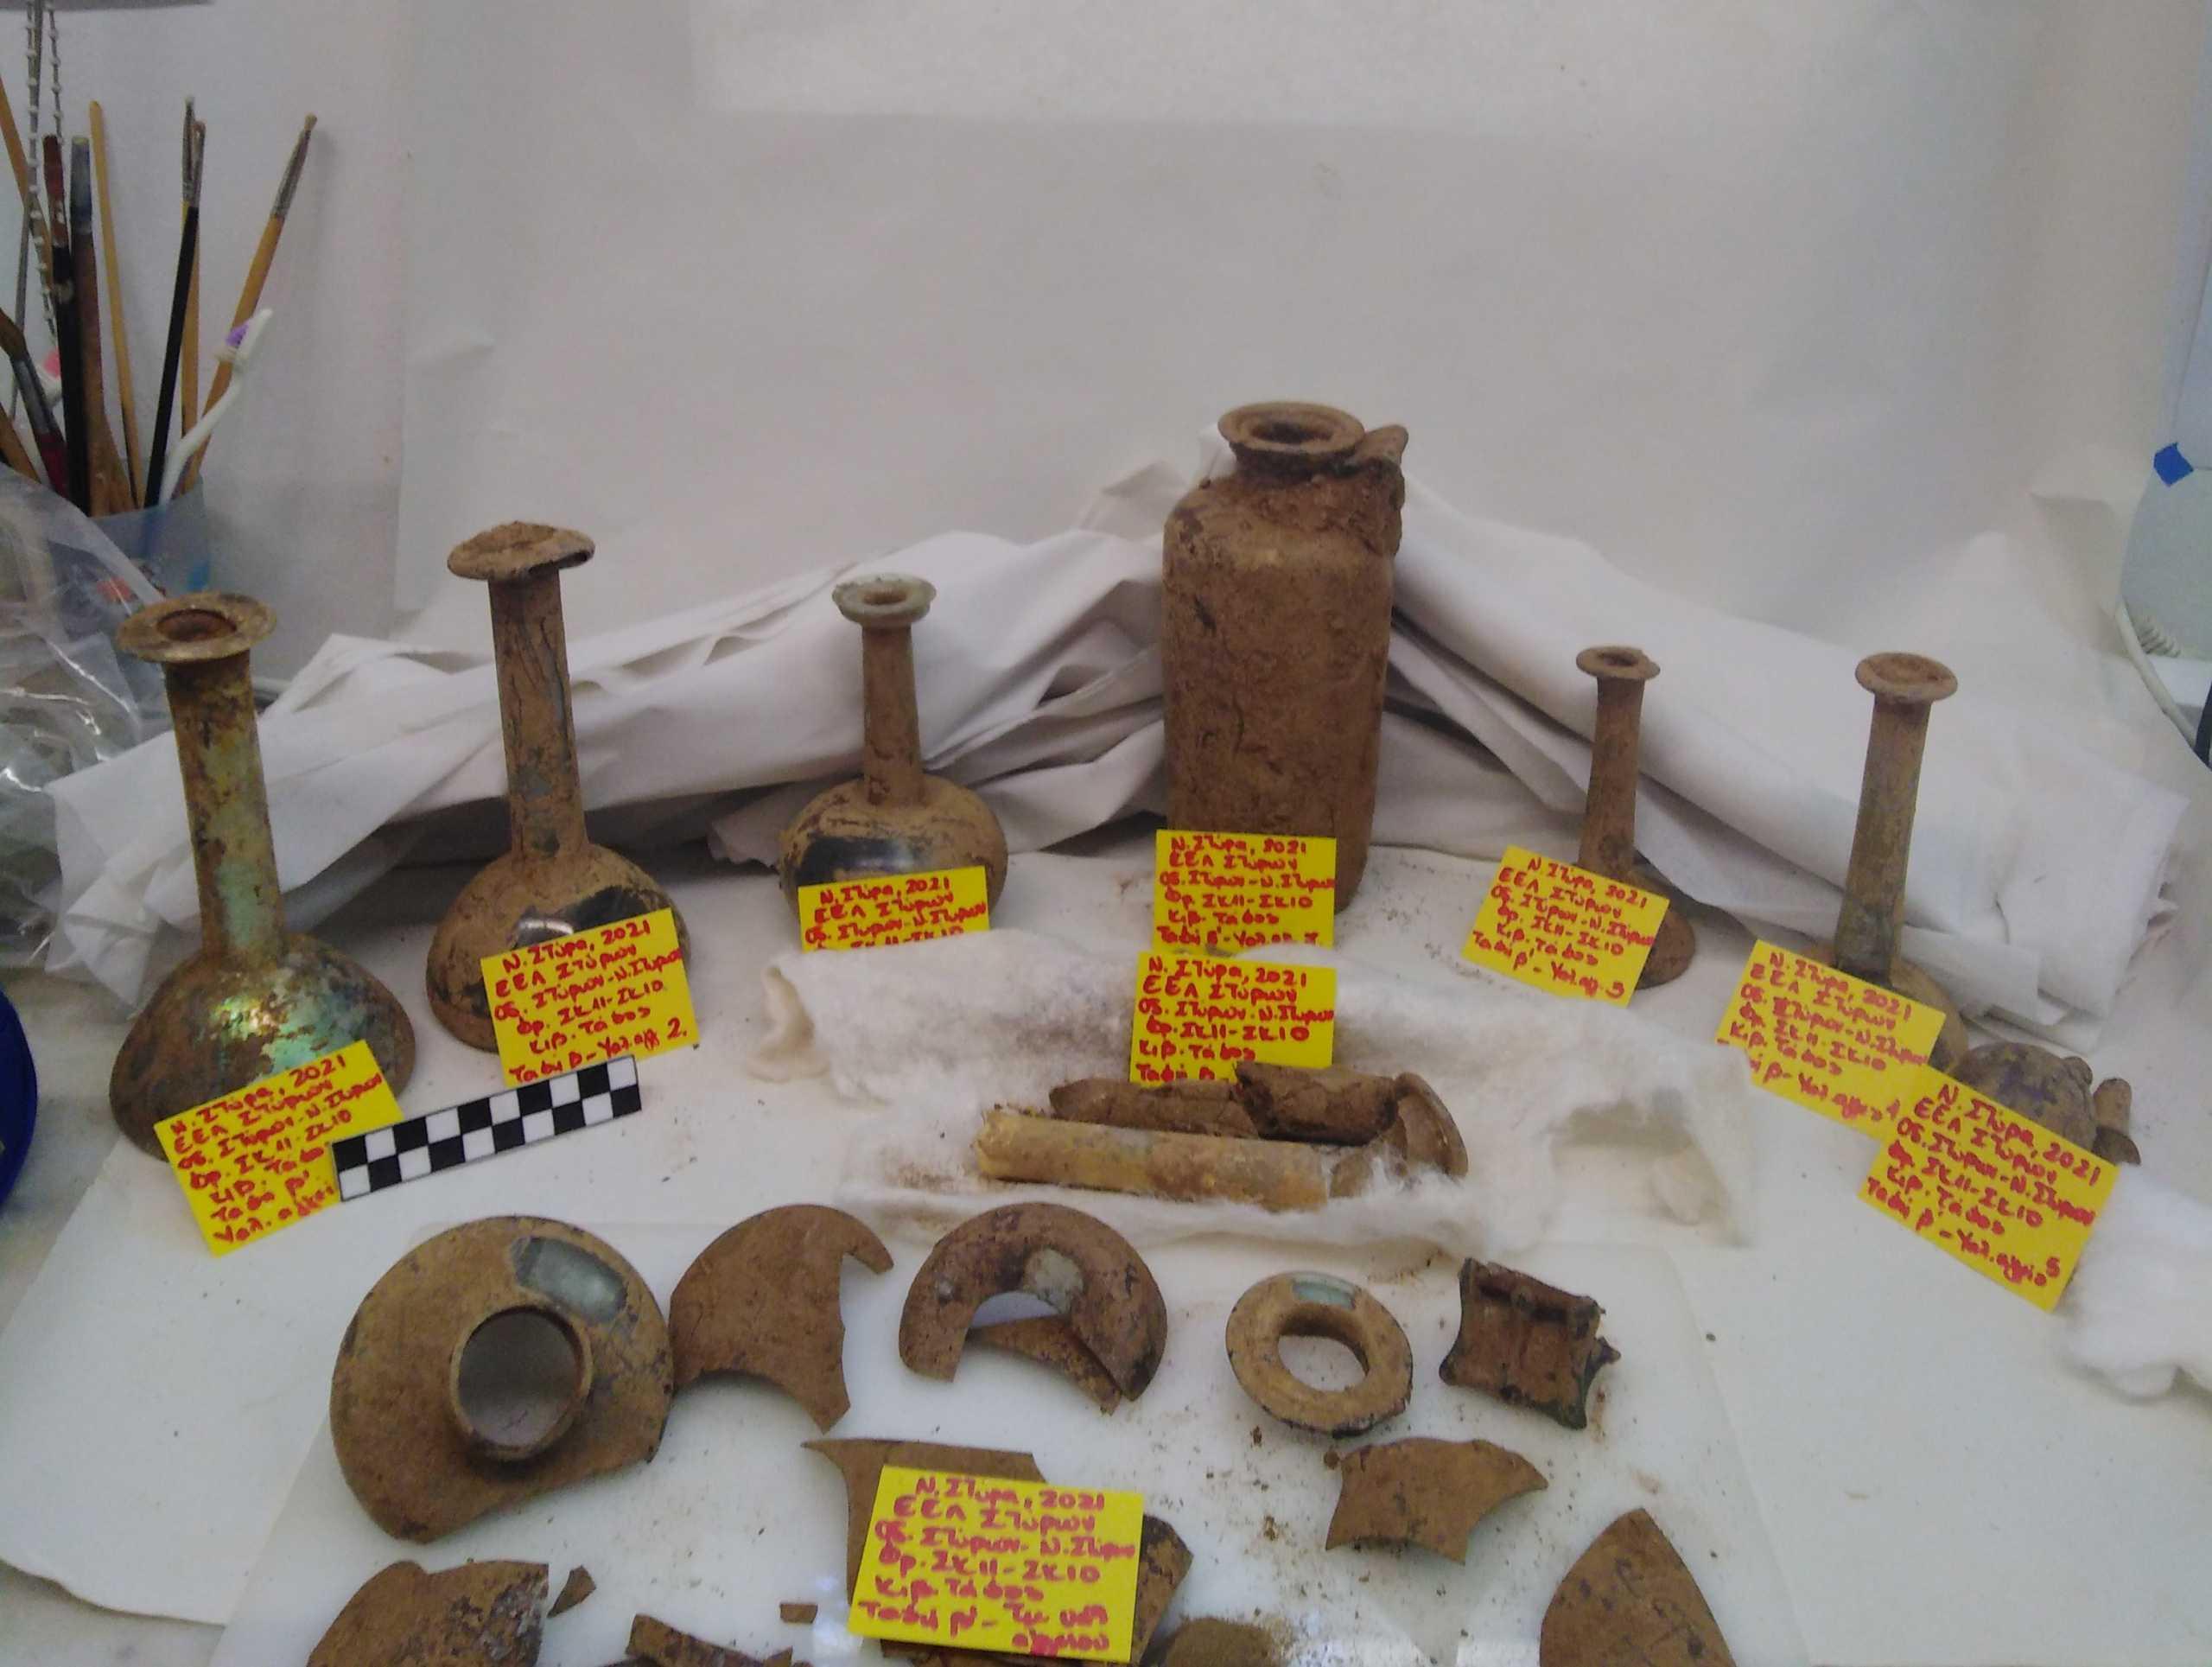 Αποκαλύφθηκε αρχαίος τάφος με τρεις νεκρούς και πολλά ευρήματα στα Νέα Στύρα